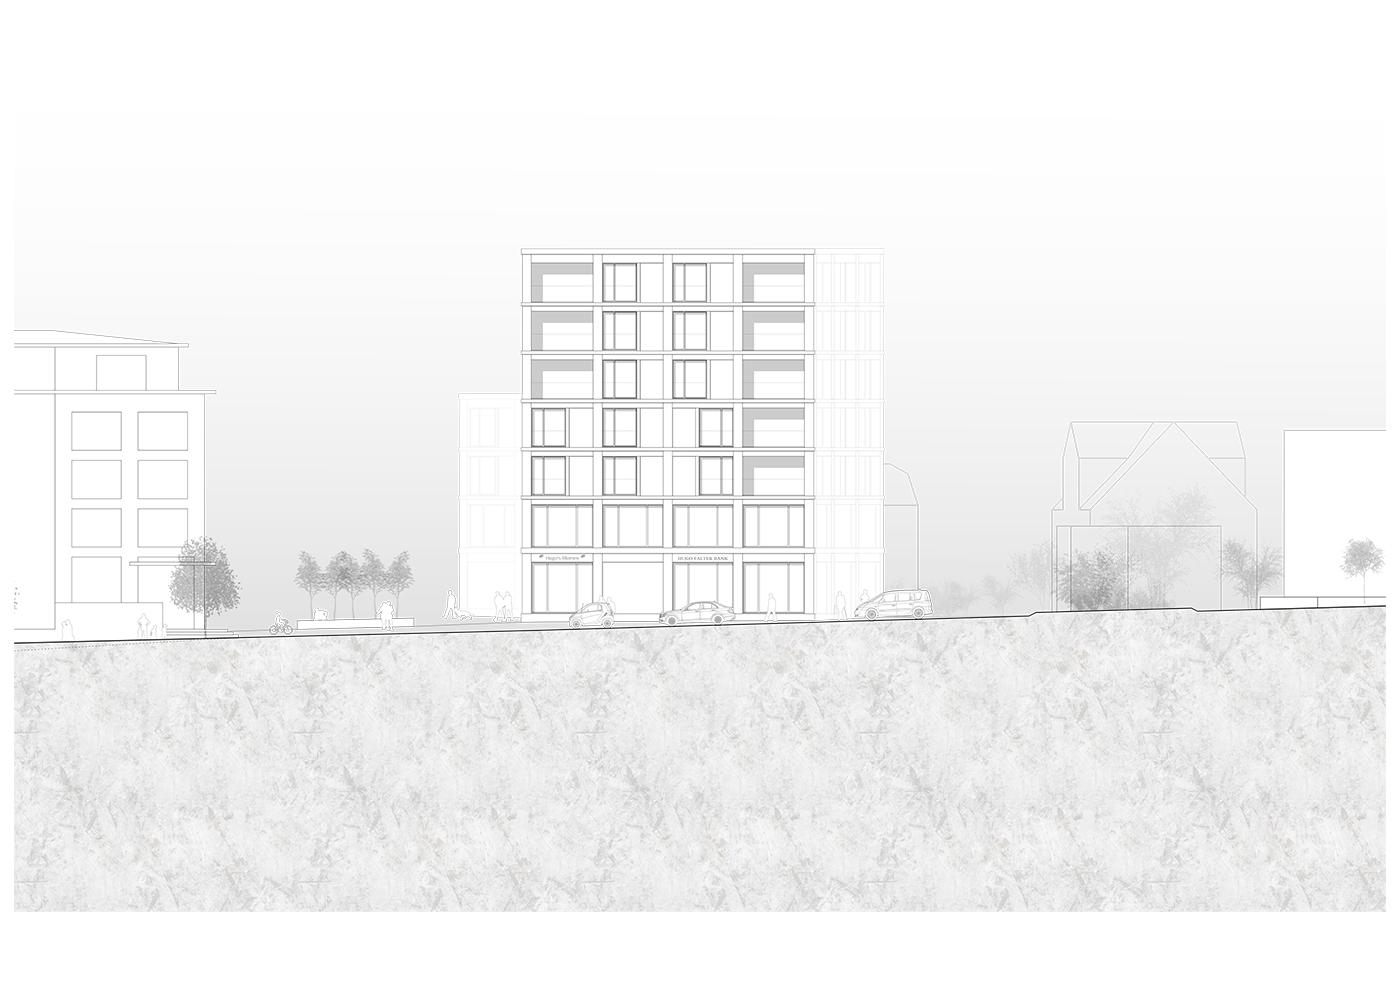 buan architekten – Studienauftrag Kanzlei-Kreisel Emmenbrücke – Ansicht Nordost